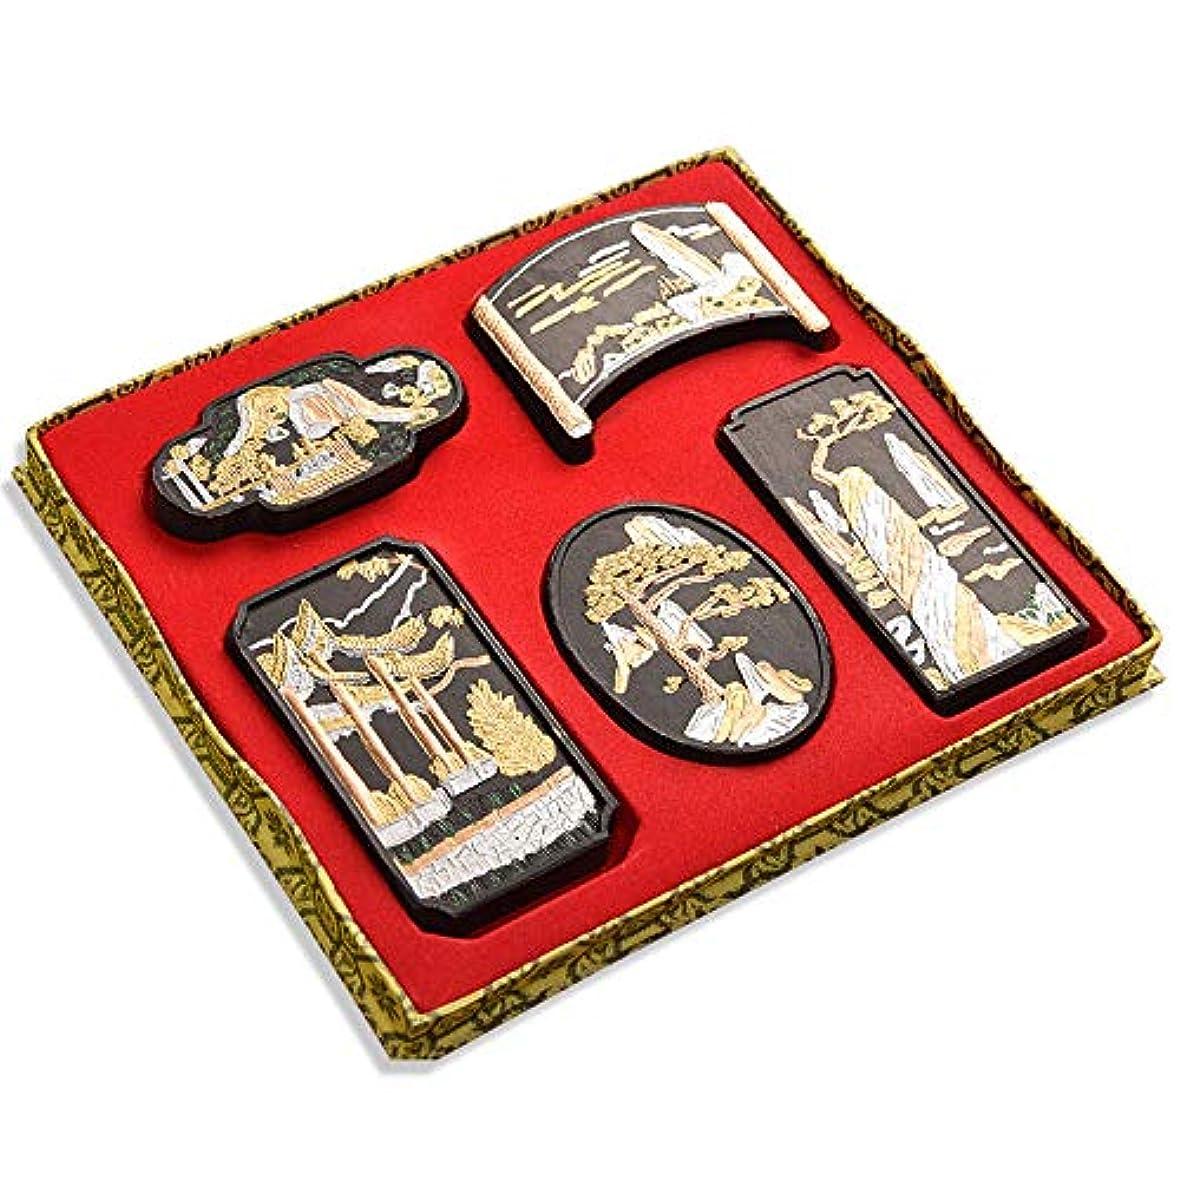 プレミア花婿トロピカル中国書道 固形墨 墨の塊 黄山五景図 書画用 松煙墨 書画墨汁 研磨棒